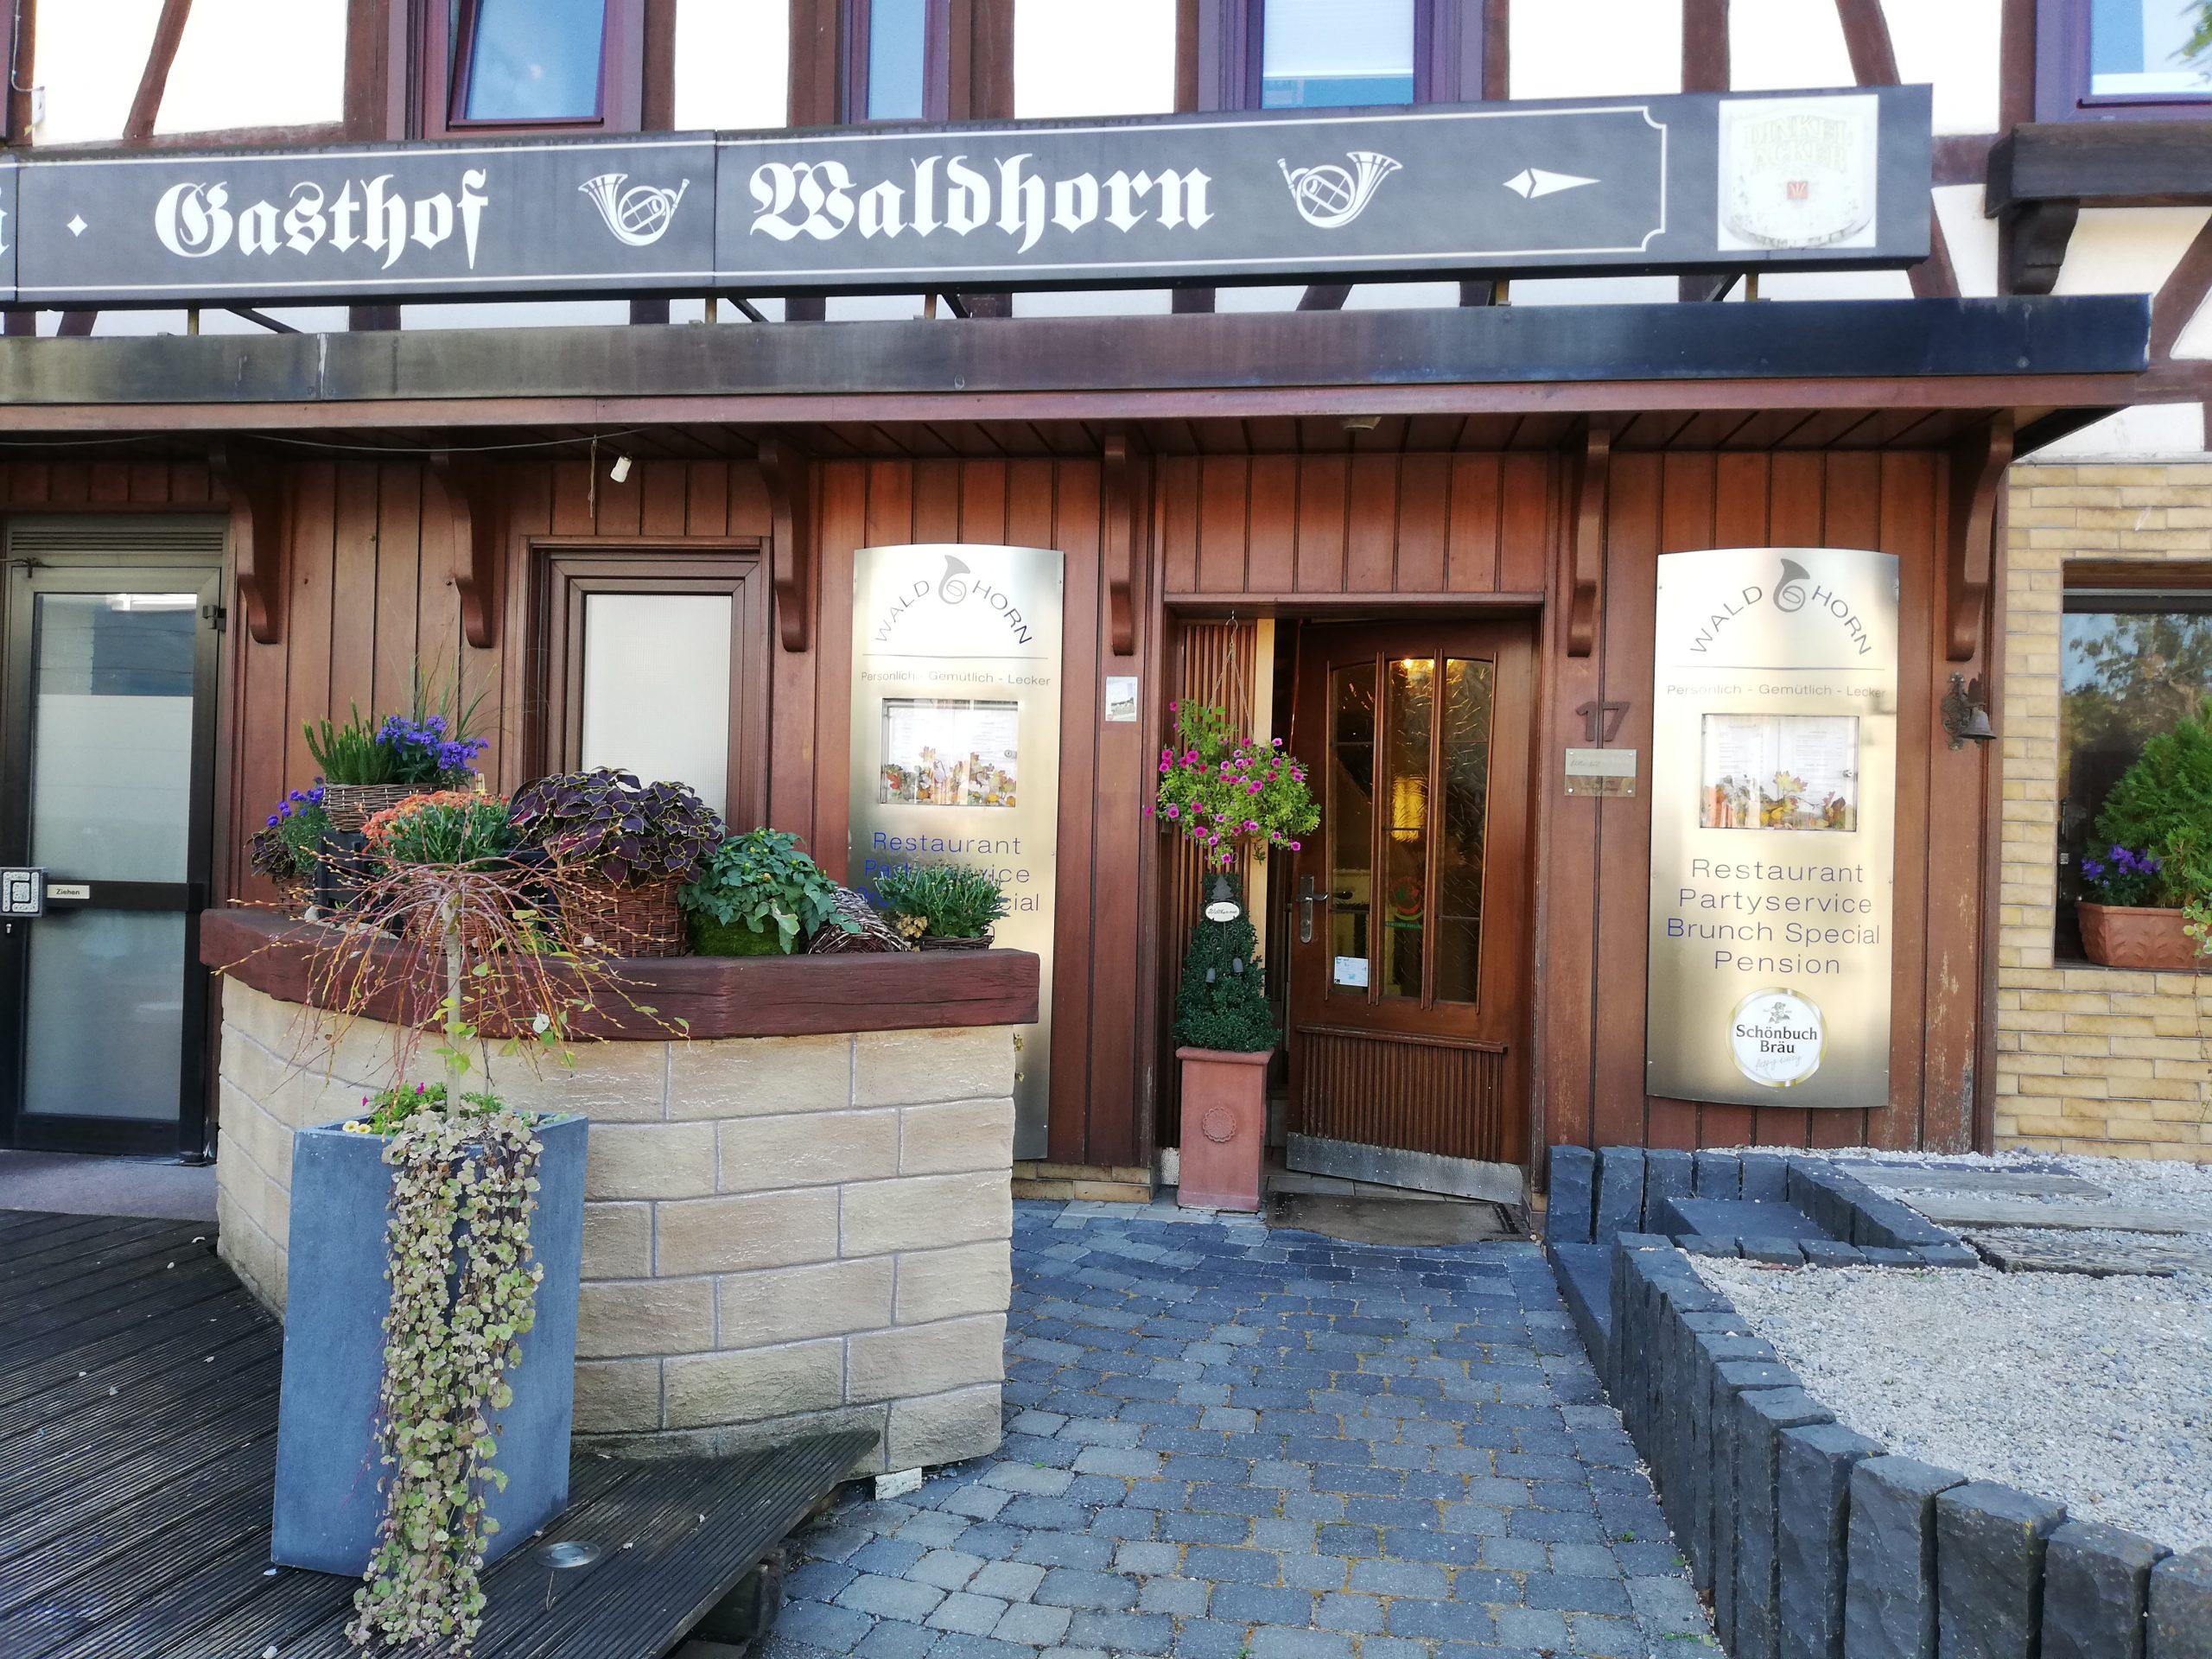 Bild 1 Gasthaus Partyservice Pension Waldhorn